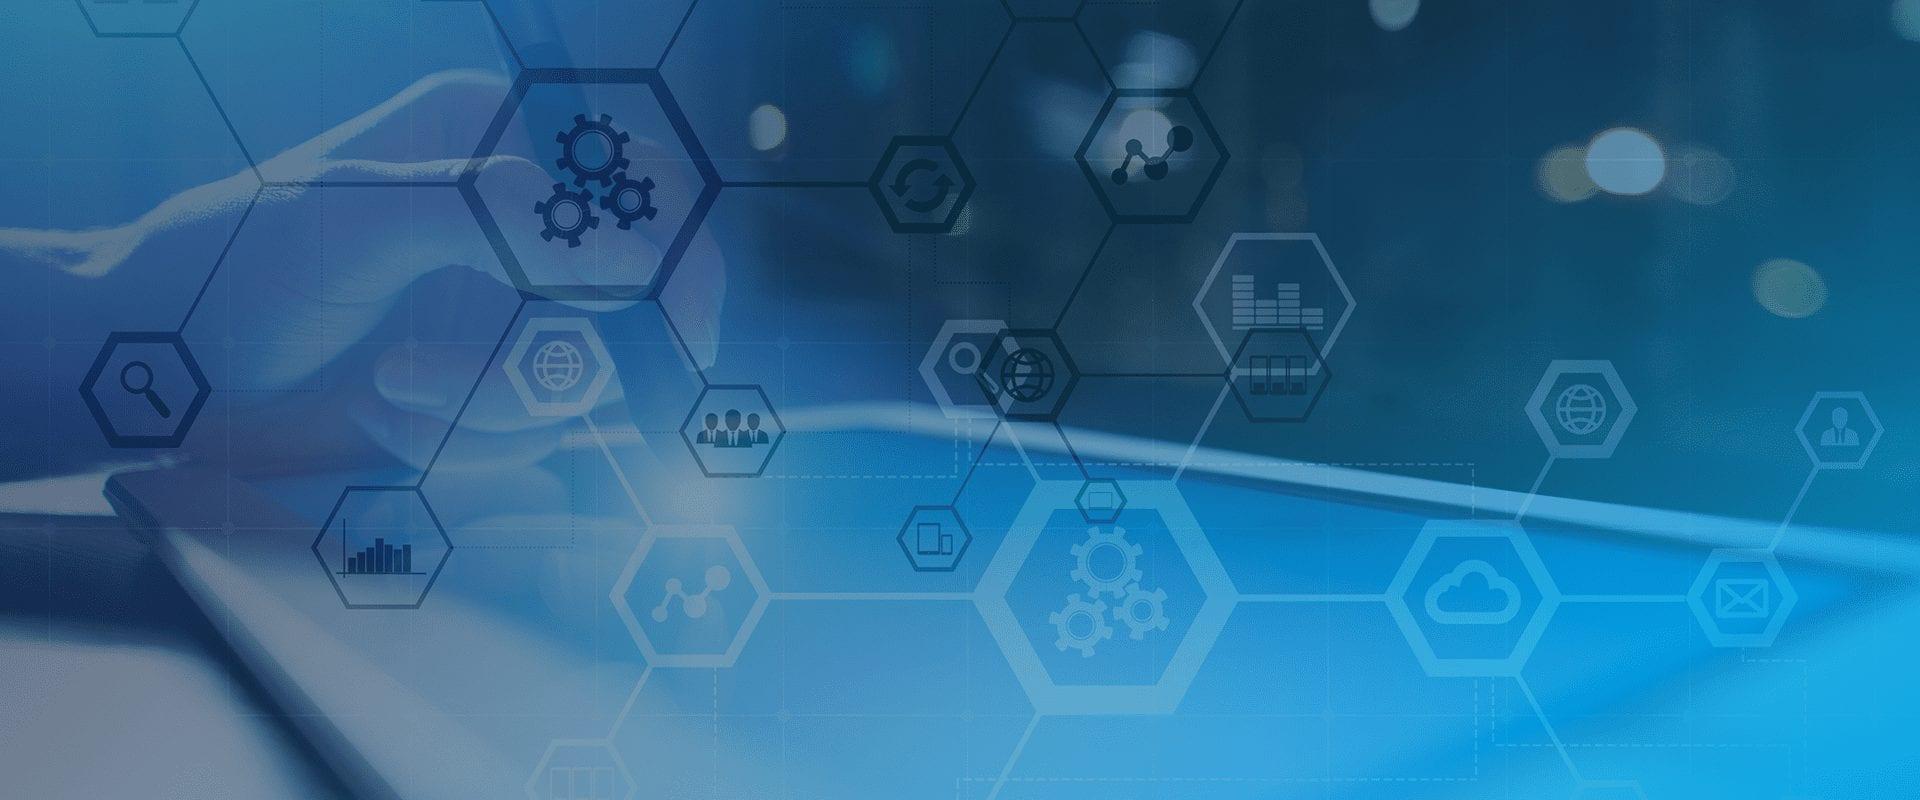 ERP4Action graphic header